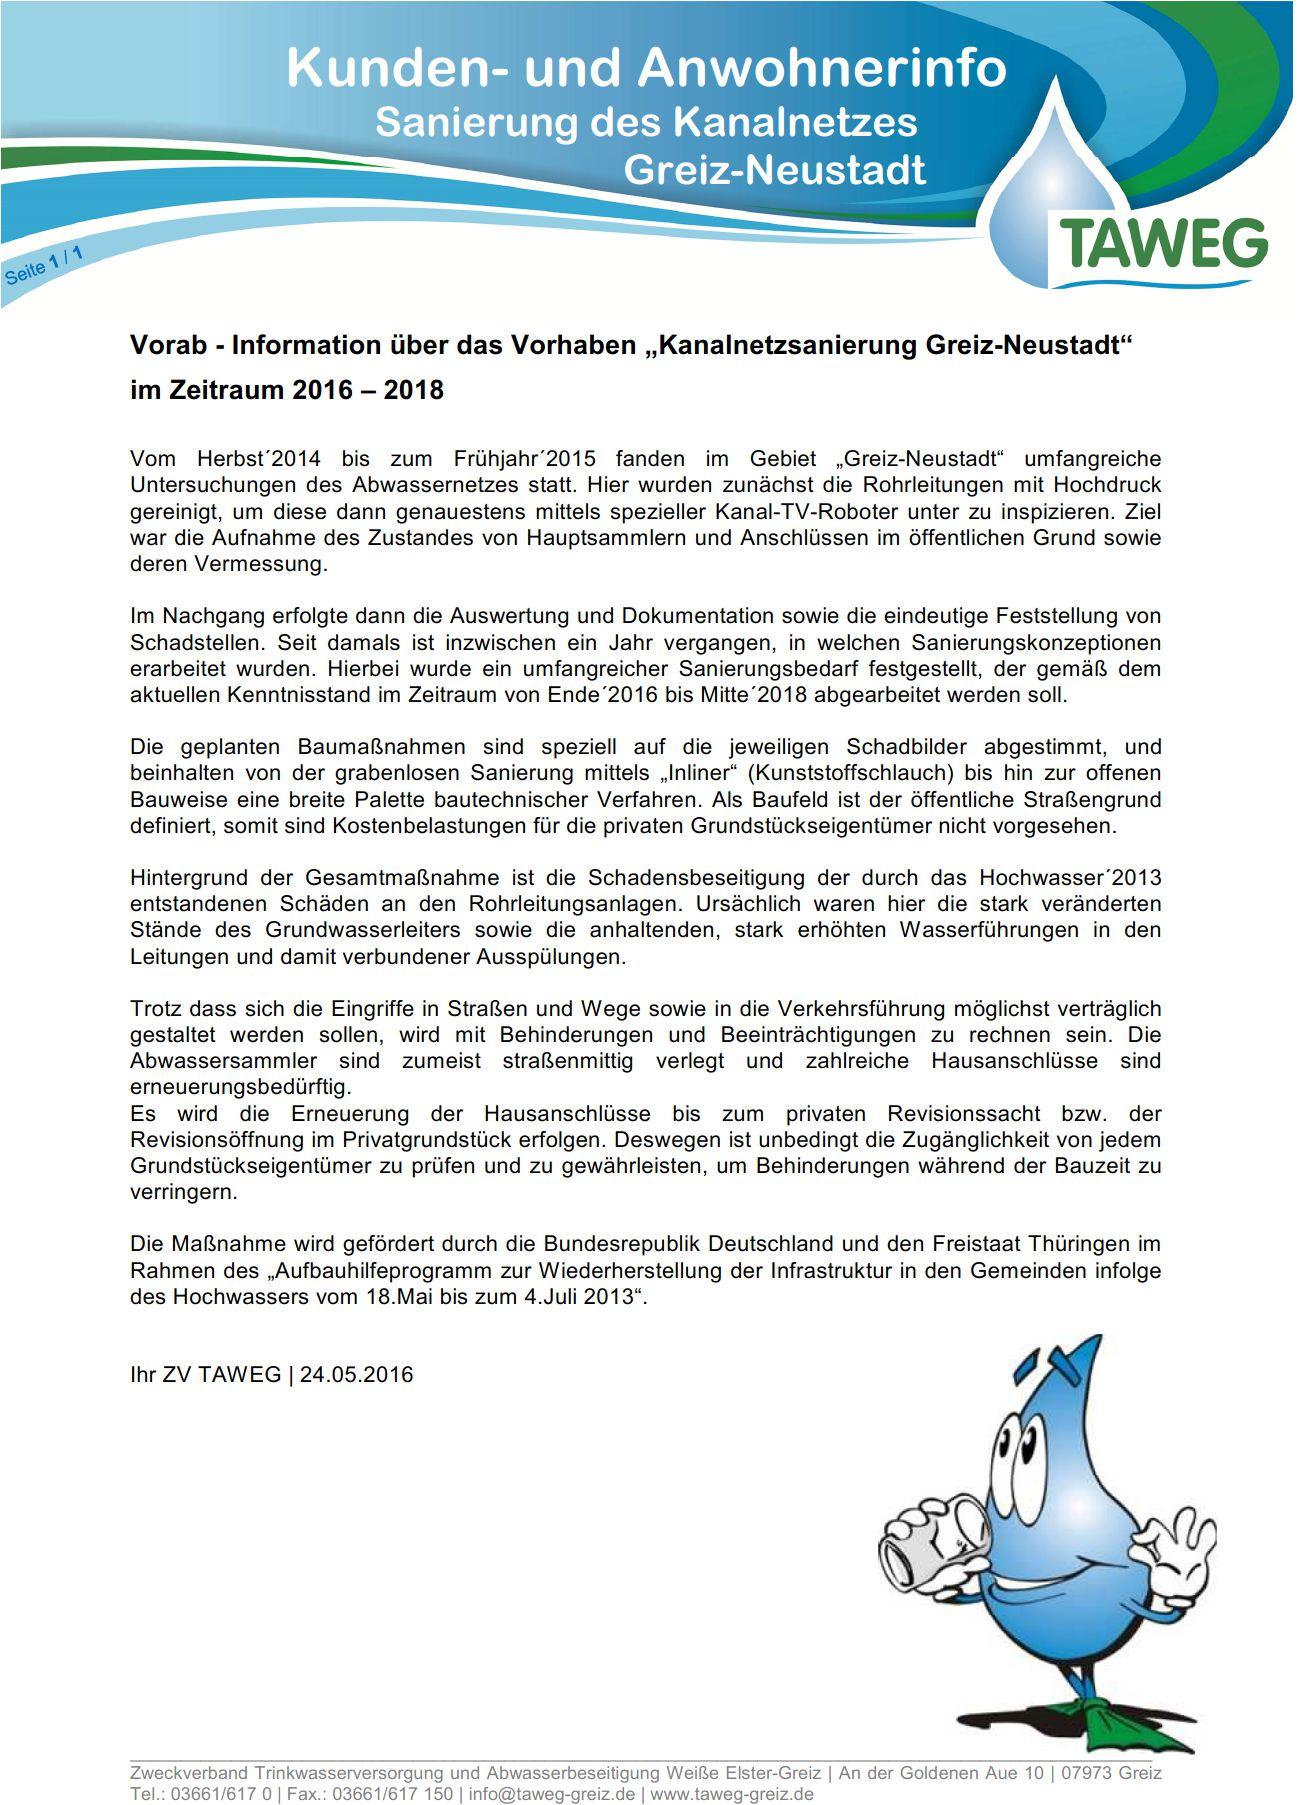 """Kundeninfo der TAWEG zur """"Kanalnetzsanierung Greiz-Neustadt"""""""